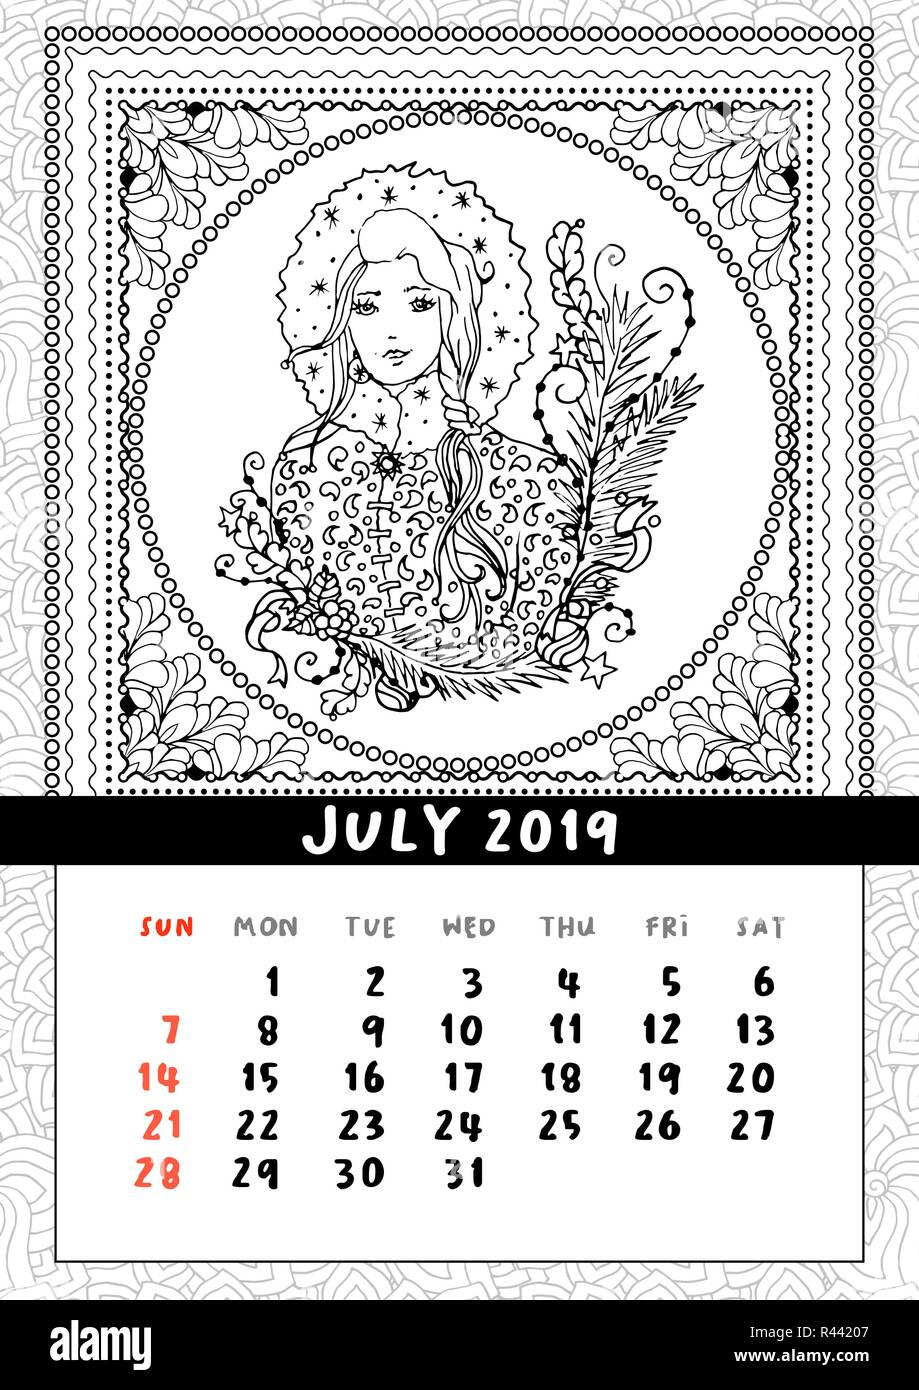 Pagina Di Calendario Luglio 2019.Snow Maiden Libro Da Colorare Pagina Calendario Luglio 2019